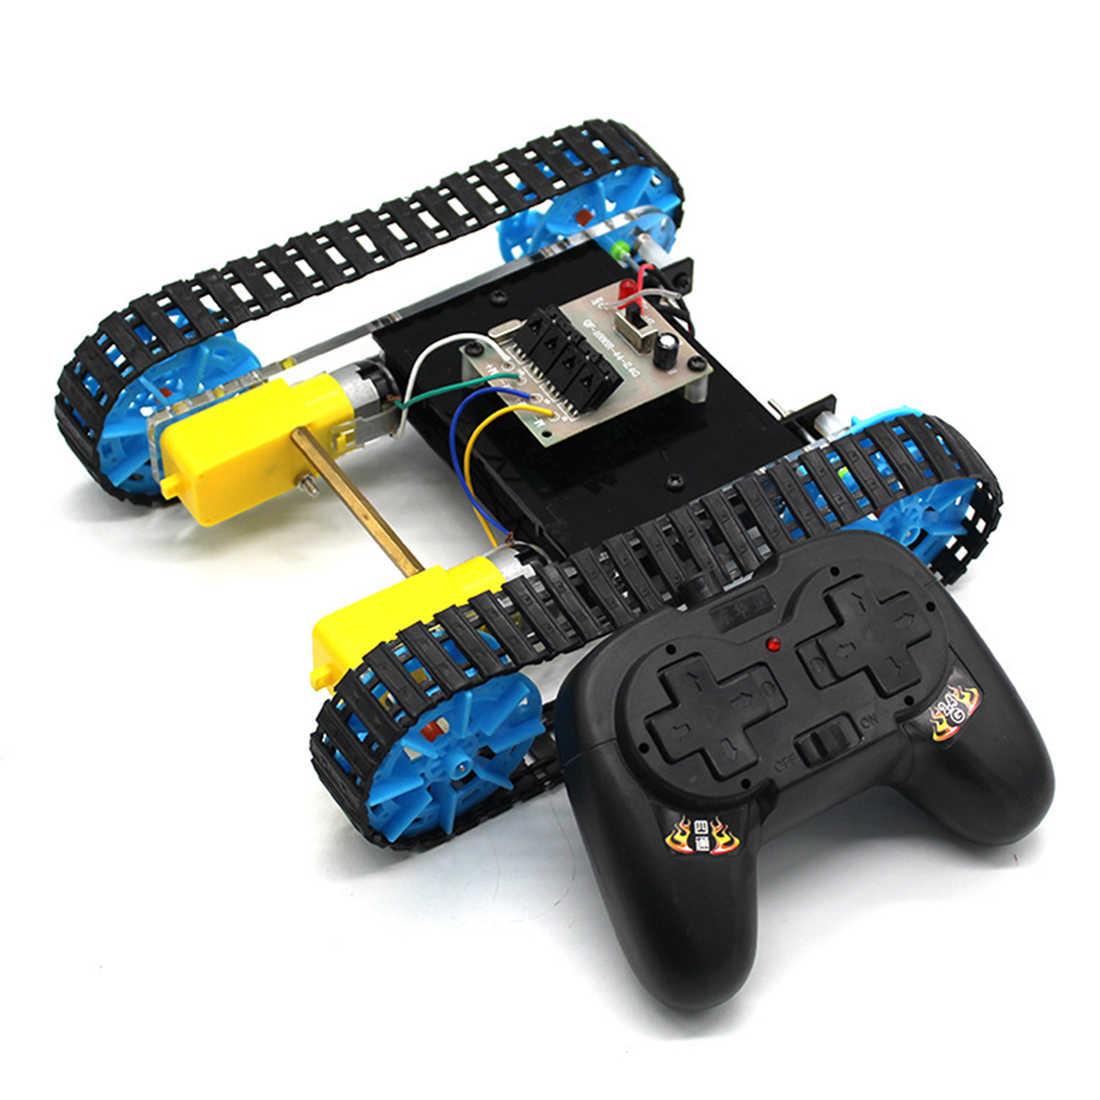 لتقوم بها بنفسك تجميع دبابة مع جهاز للتحكم عن بُعد خزان تحكم عن بعد نموذج العلوم لعبة تعليمية ألعاب التحكم عن بعد